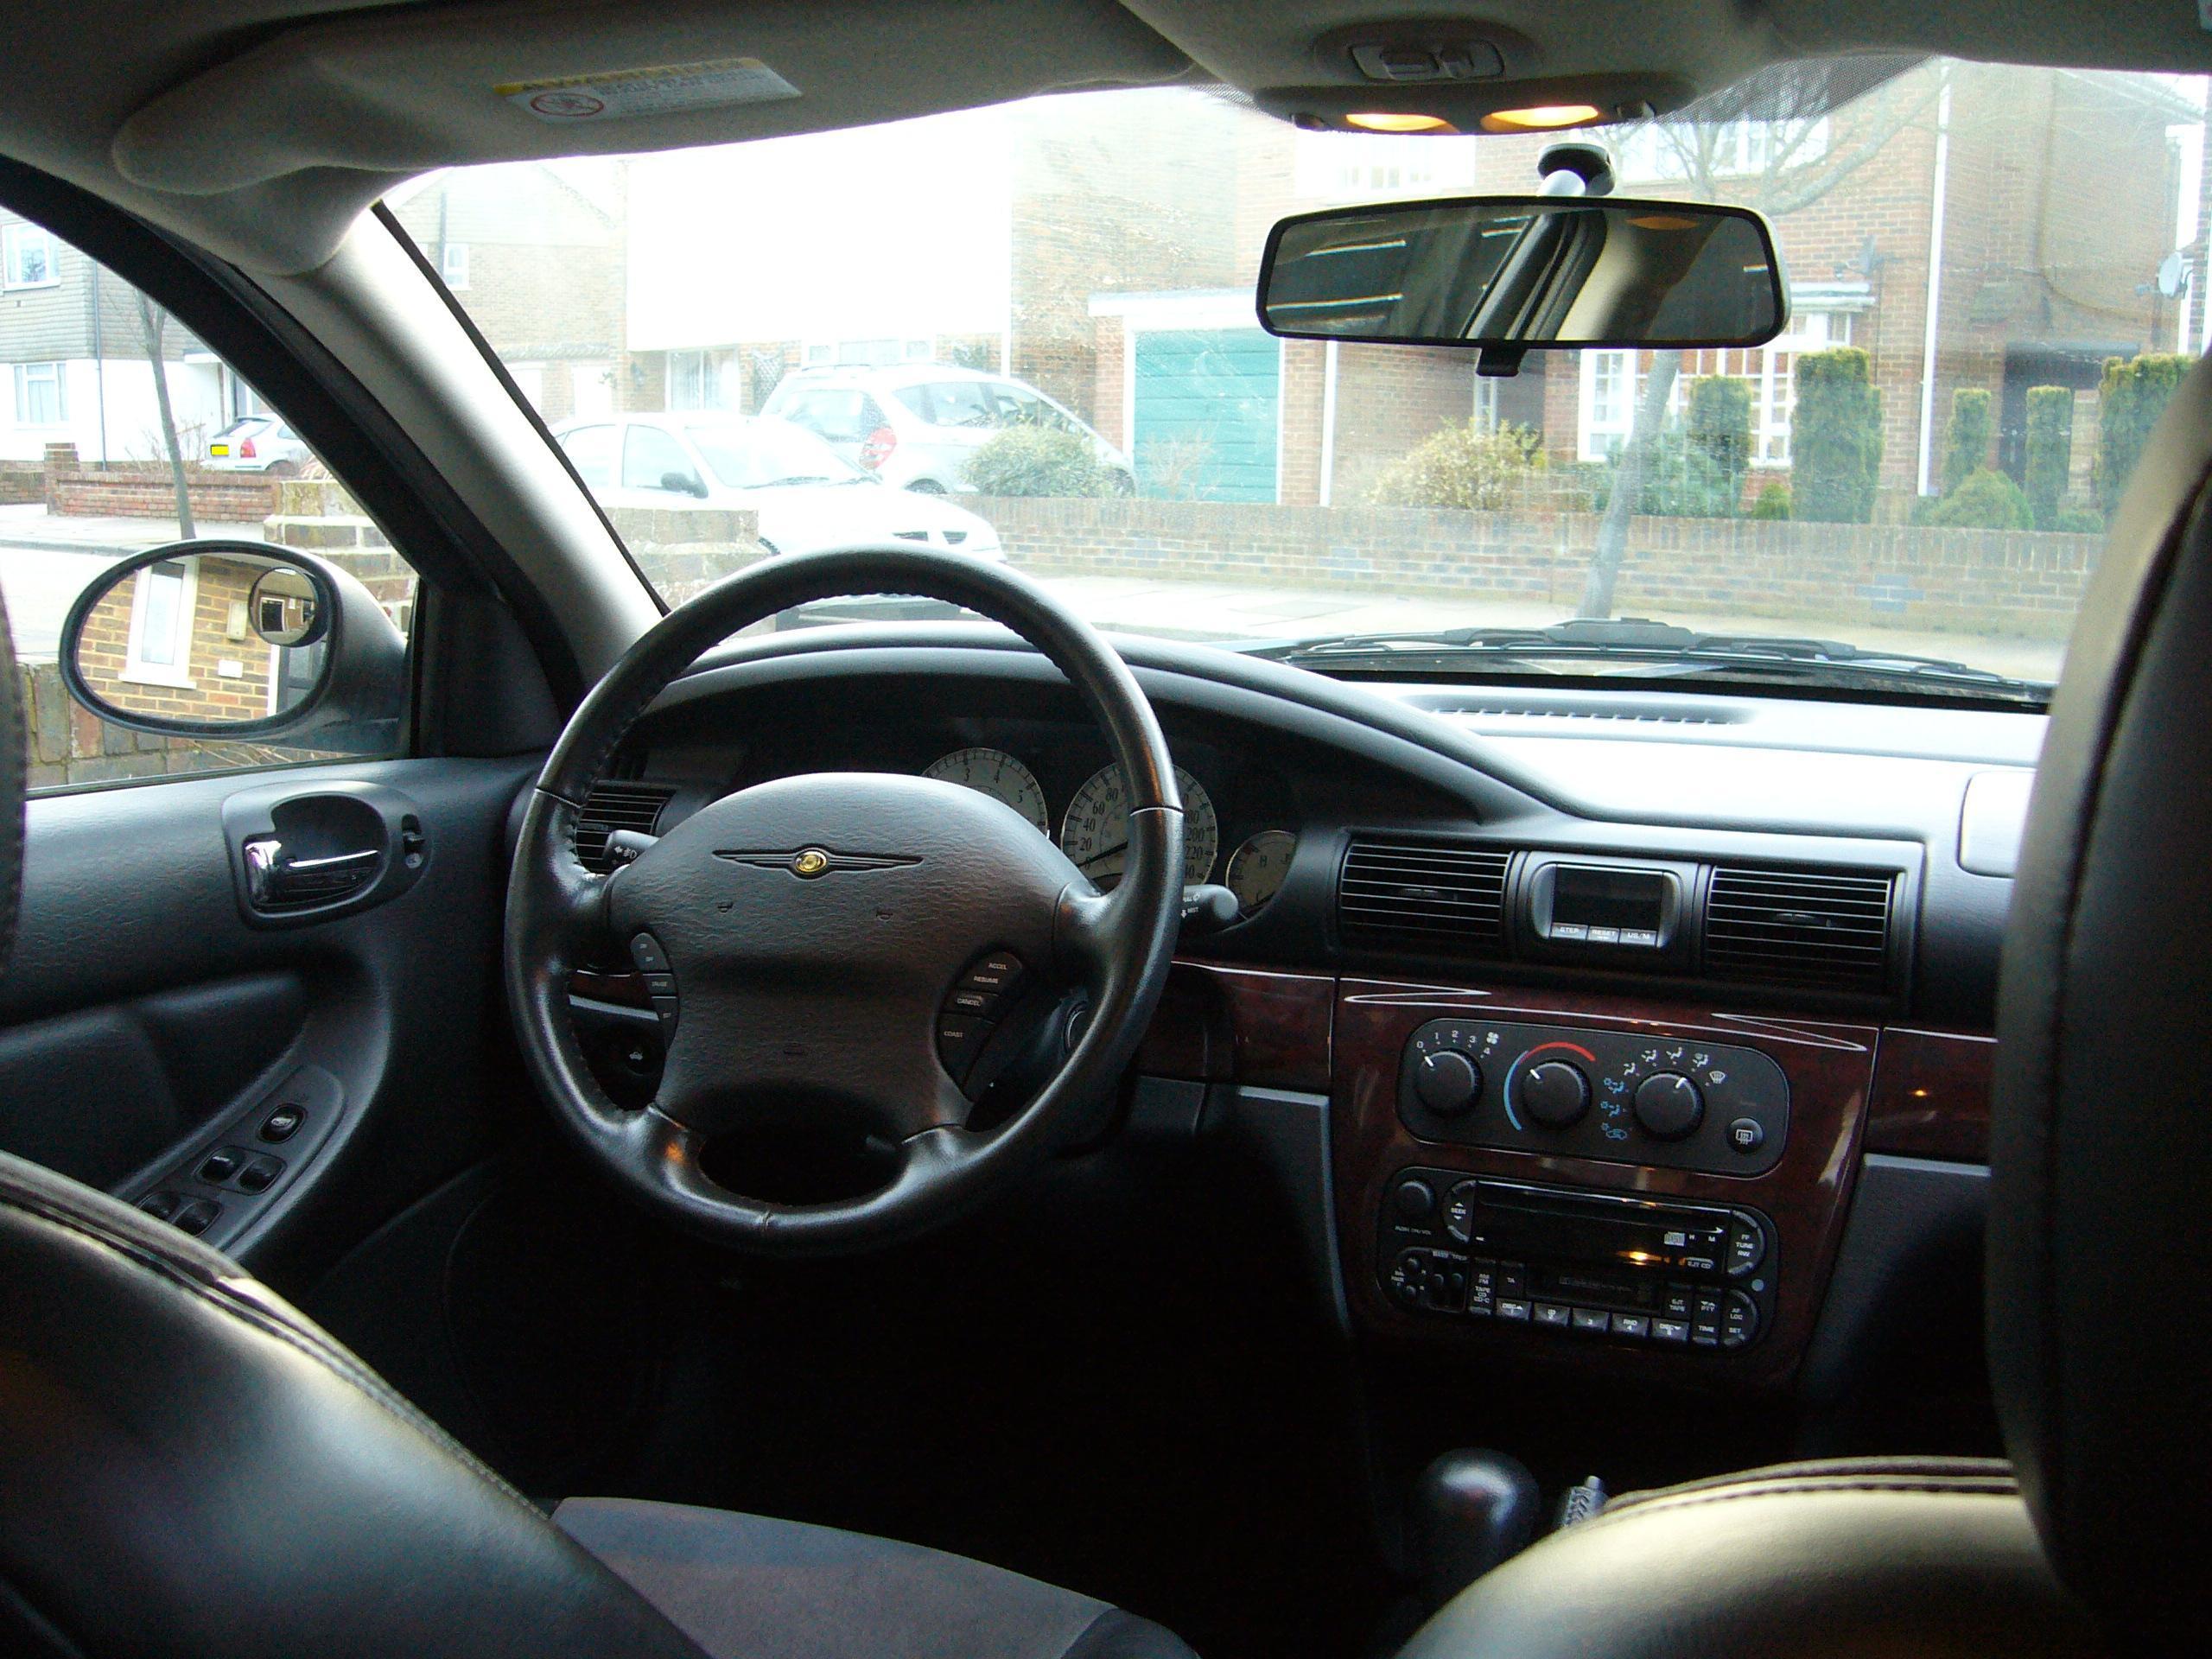 File:2003 Chrysler Sebring sedan (European model) inside view.JPG